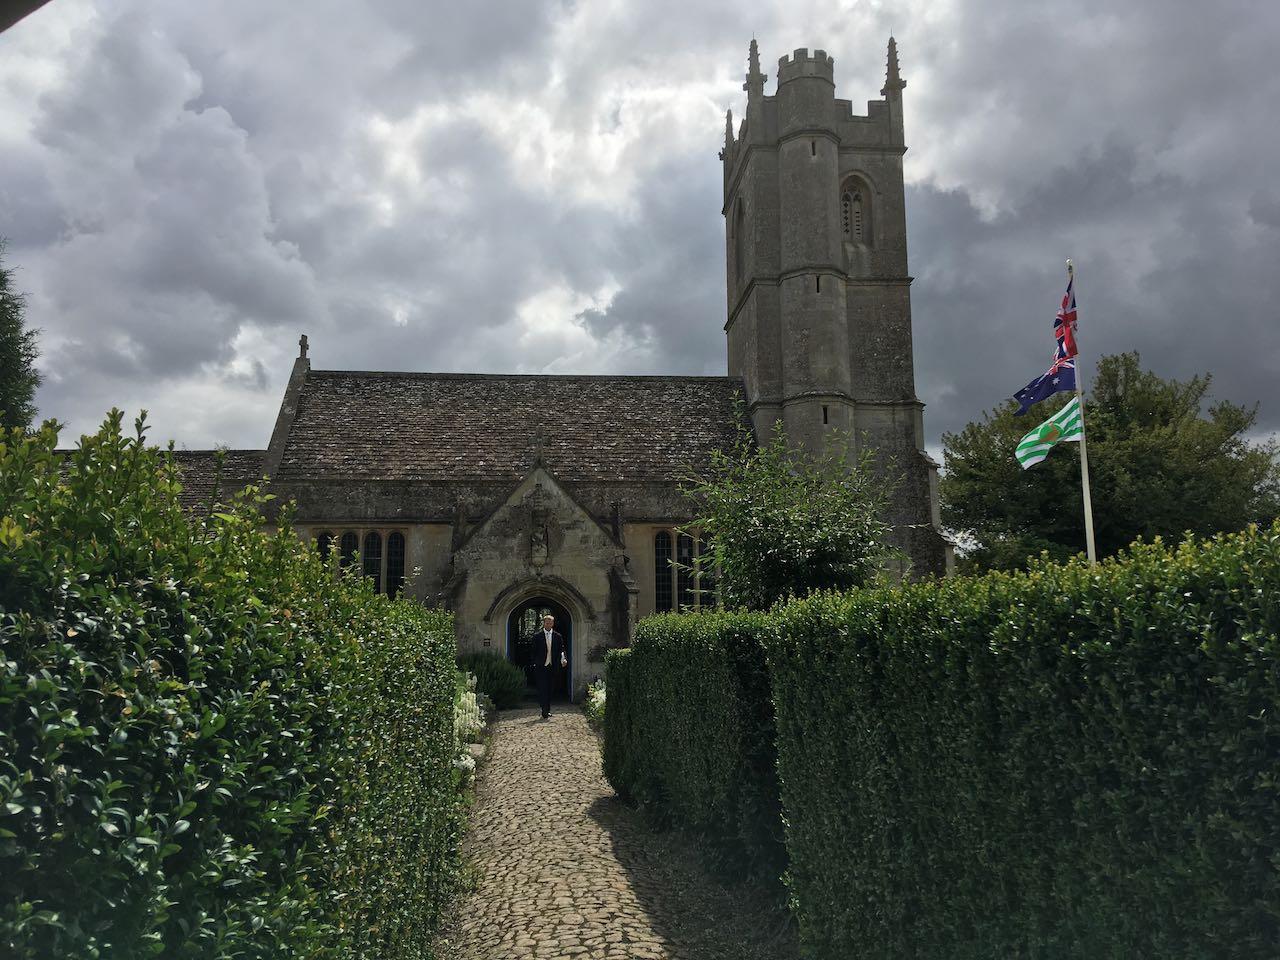 St Andrew's, Heddington